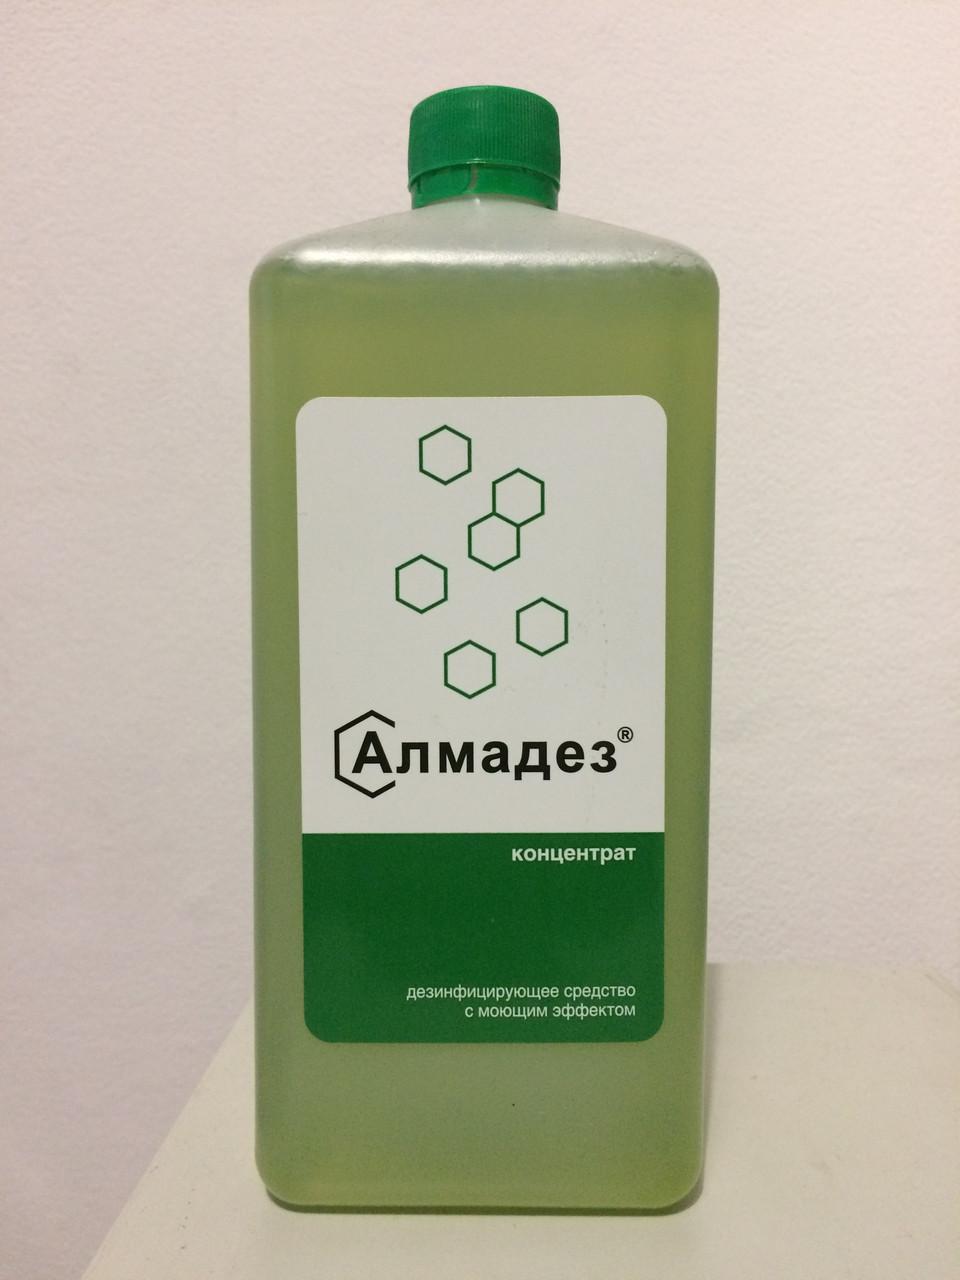 Дезинфицирующее средство с моющим эффектом Алмадез